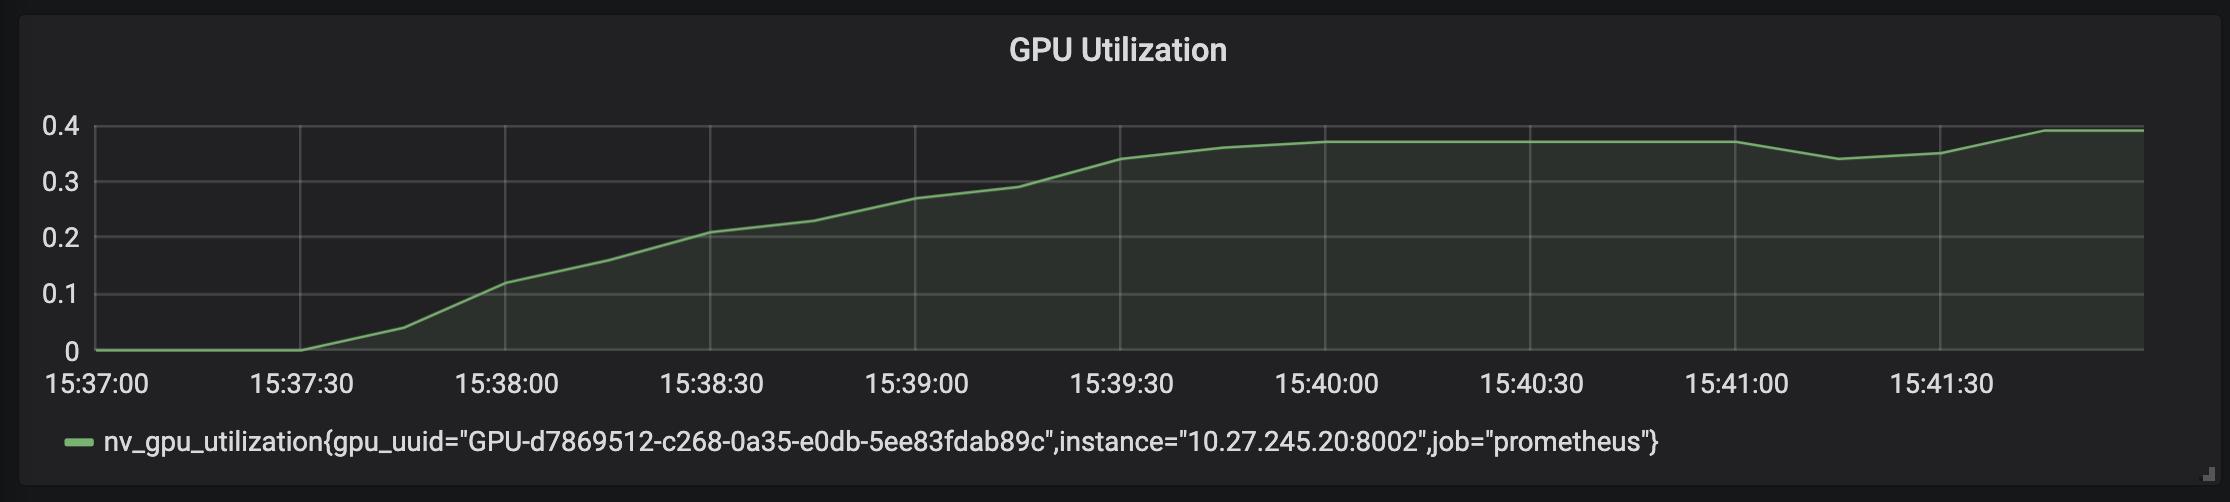 Grafik mit GPU-Auslastung von weniger als 40 %